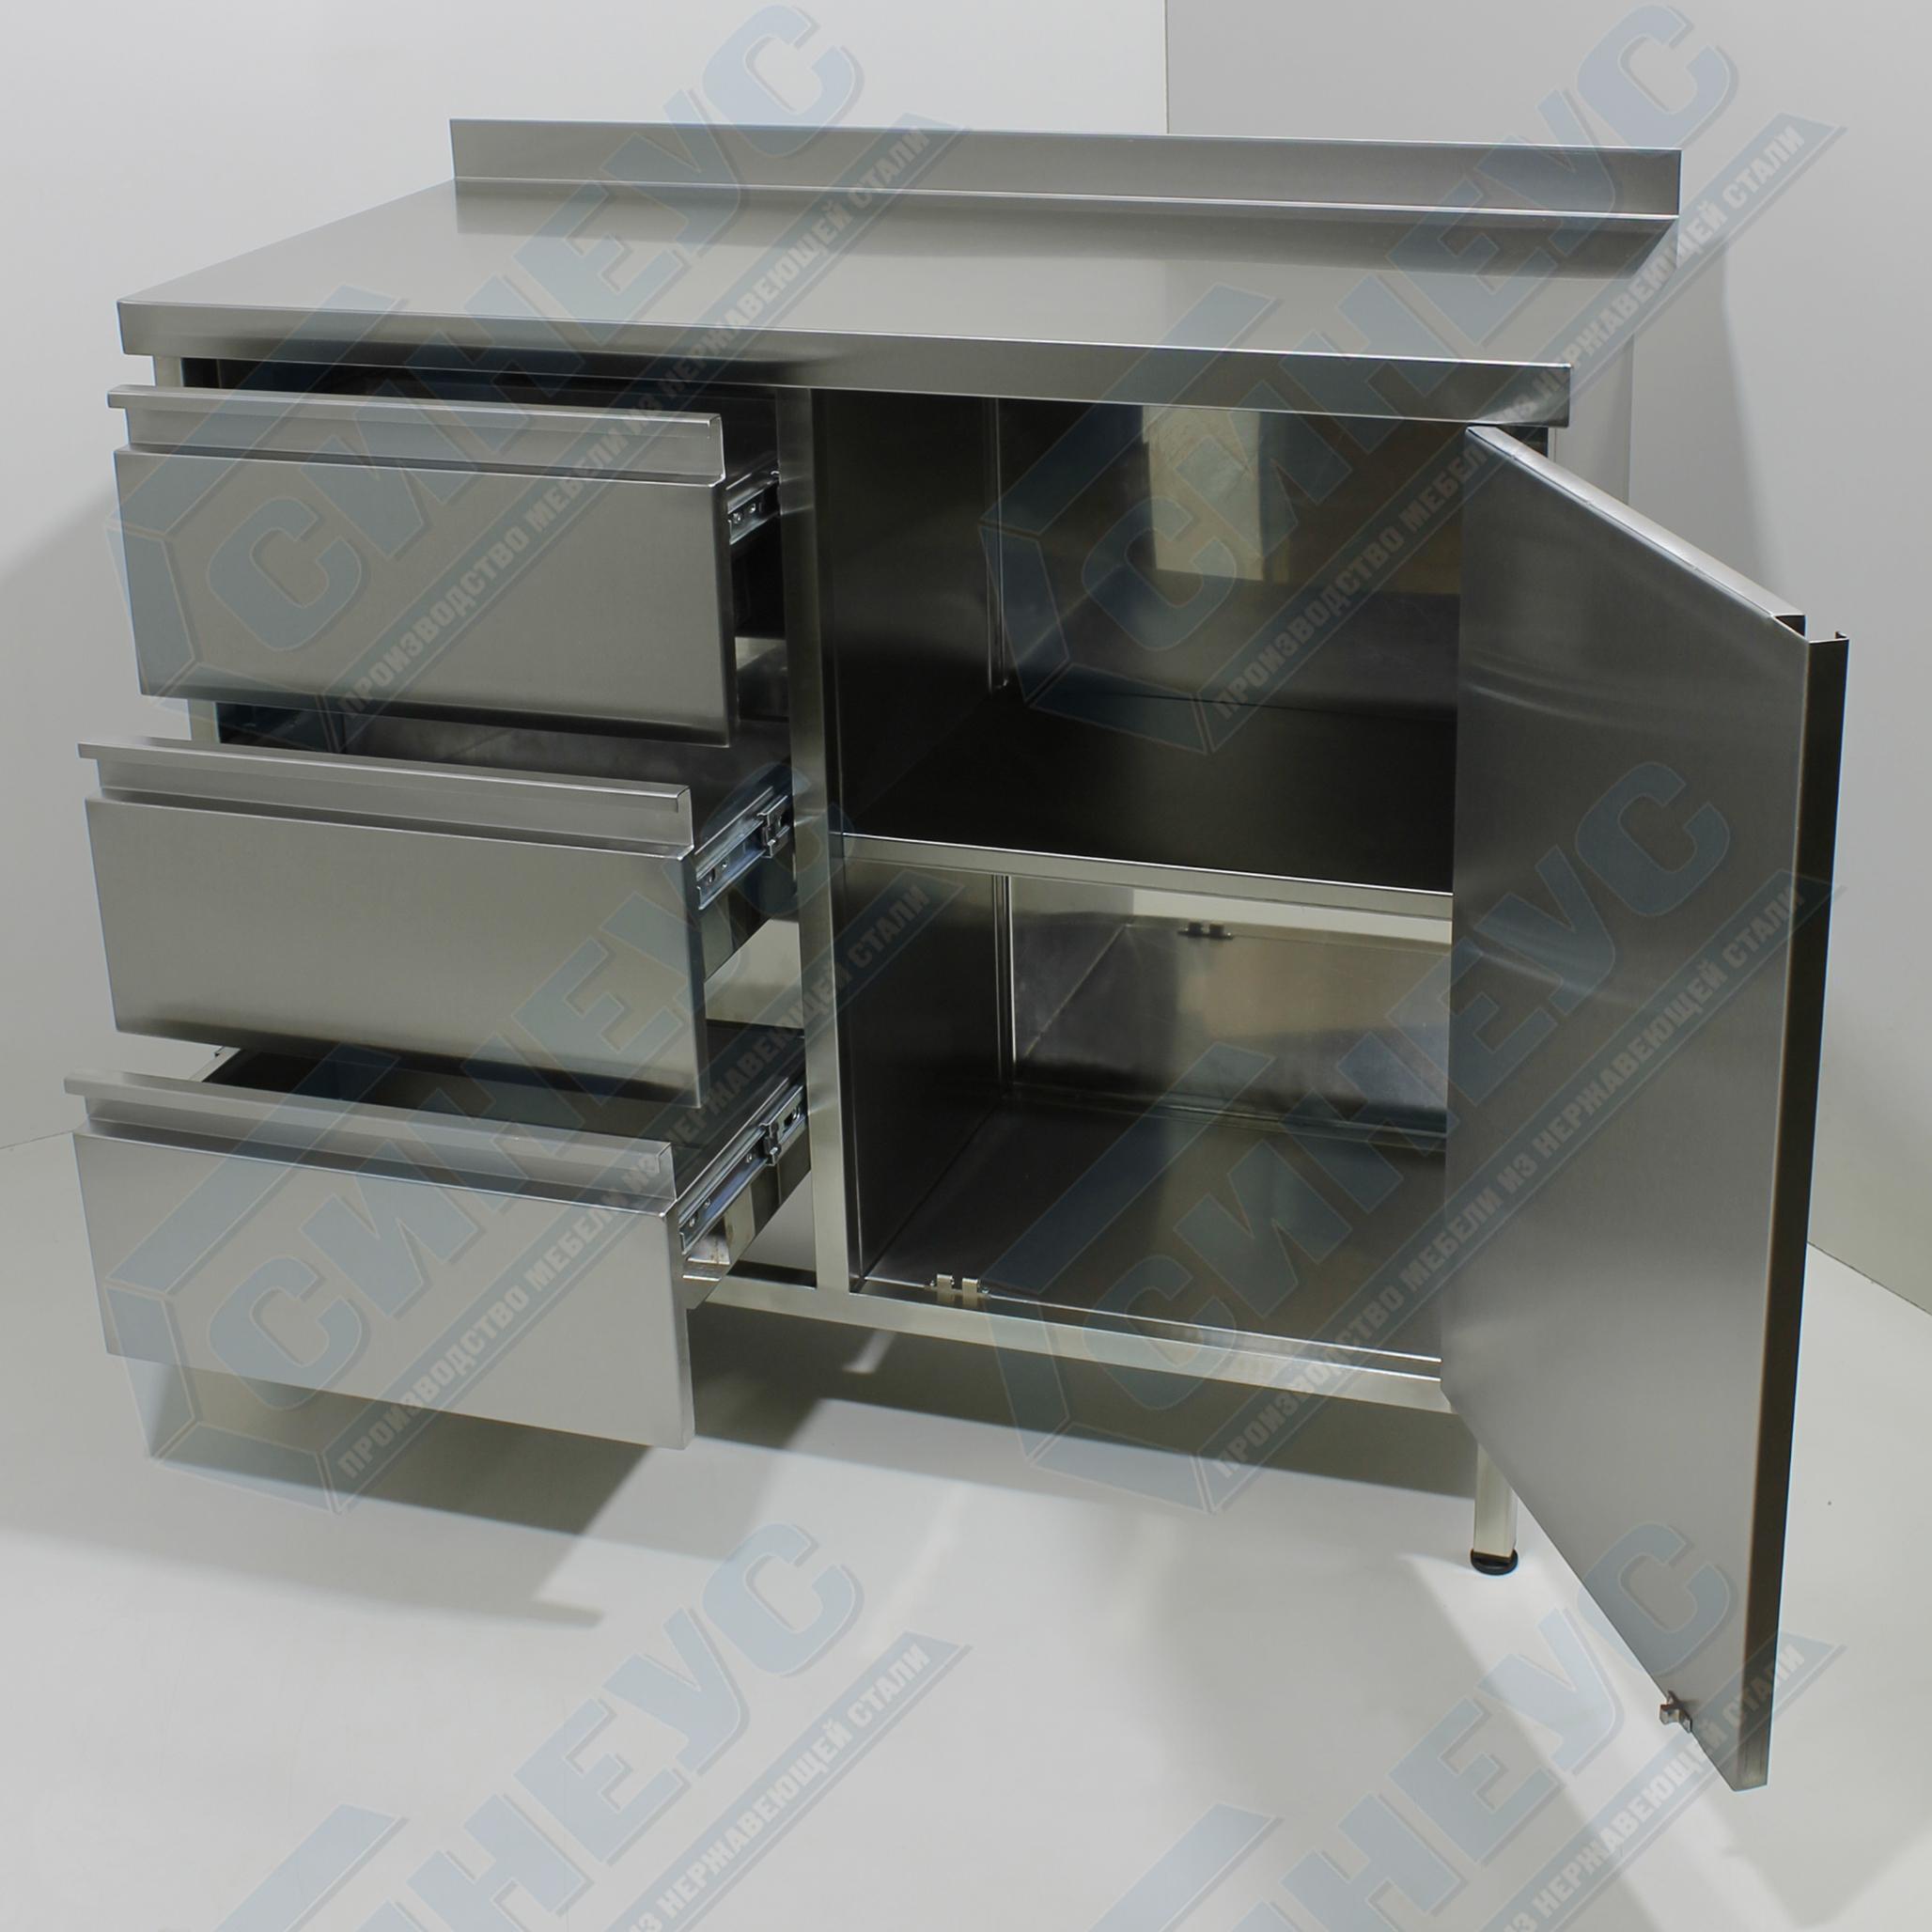 Стол-тумба с выдвижными ящиками и распашной дверью